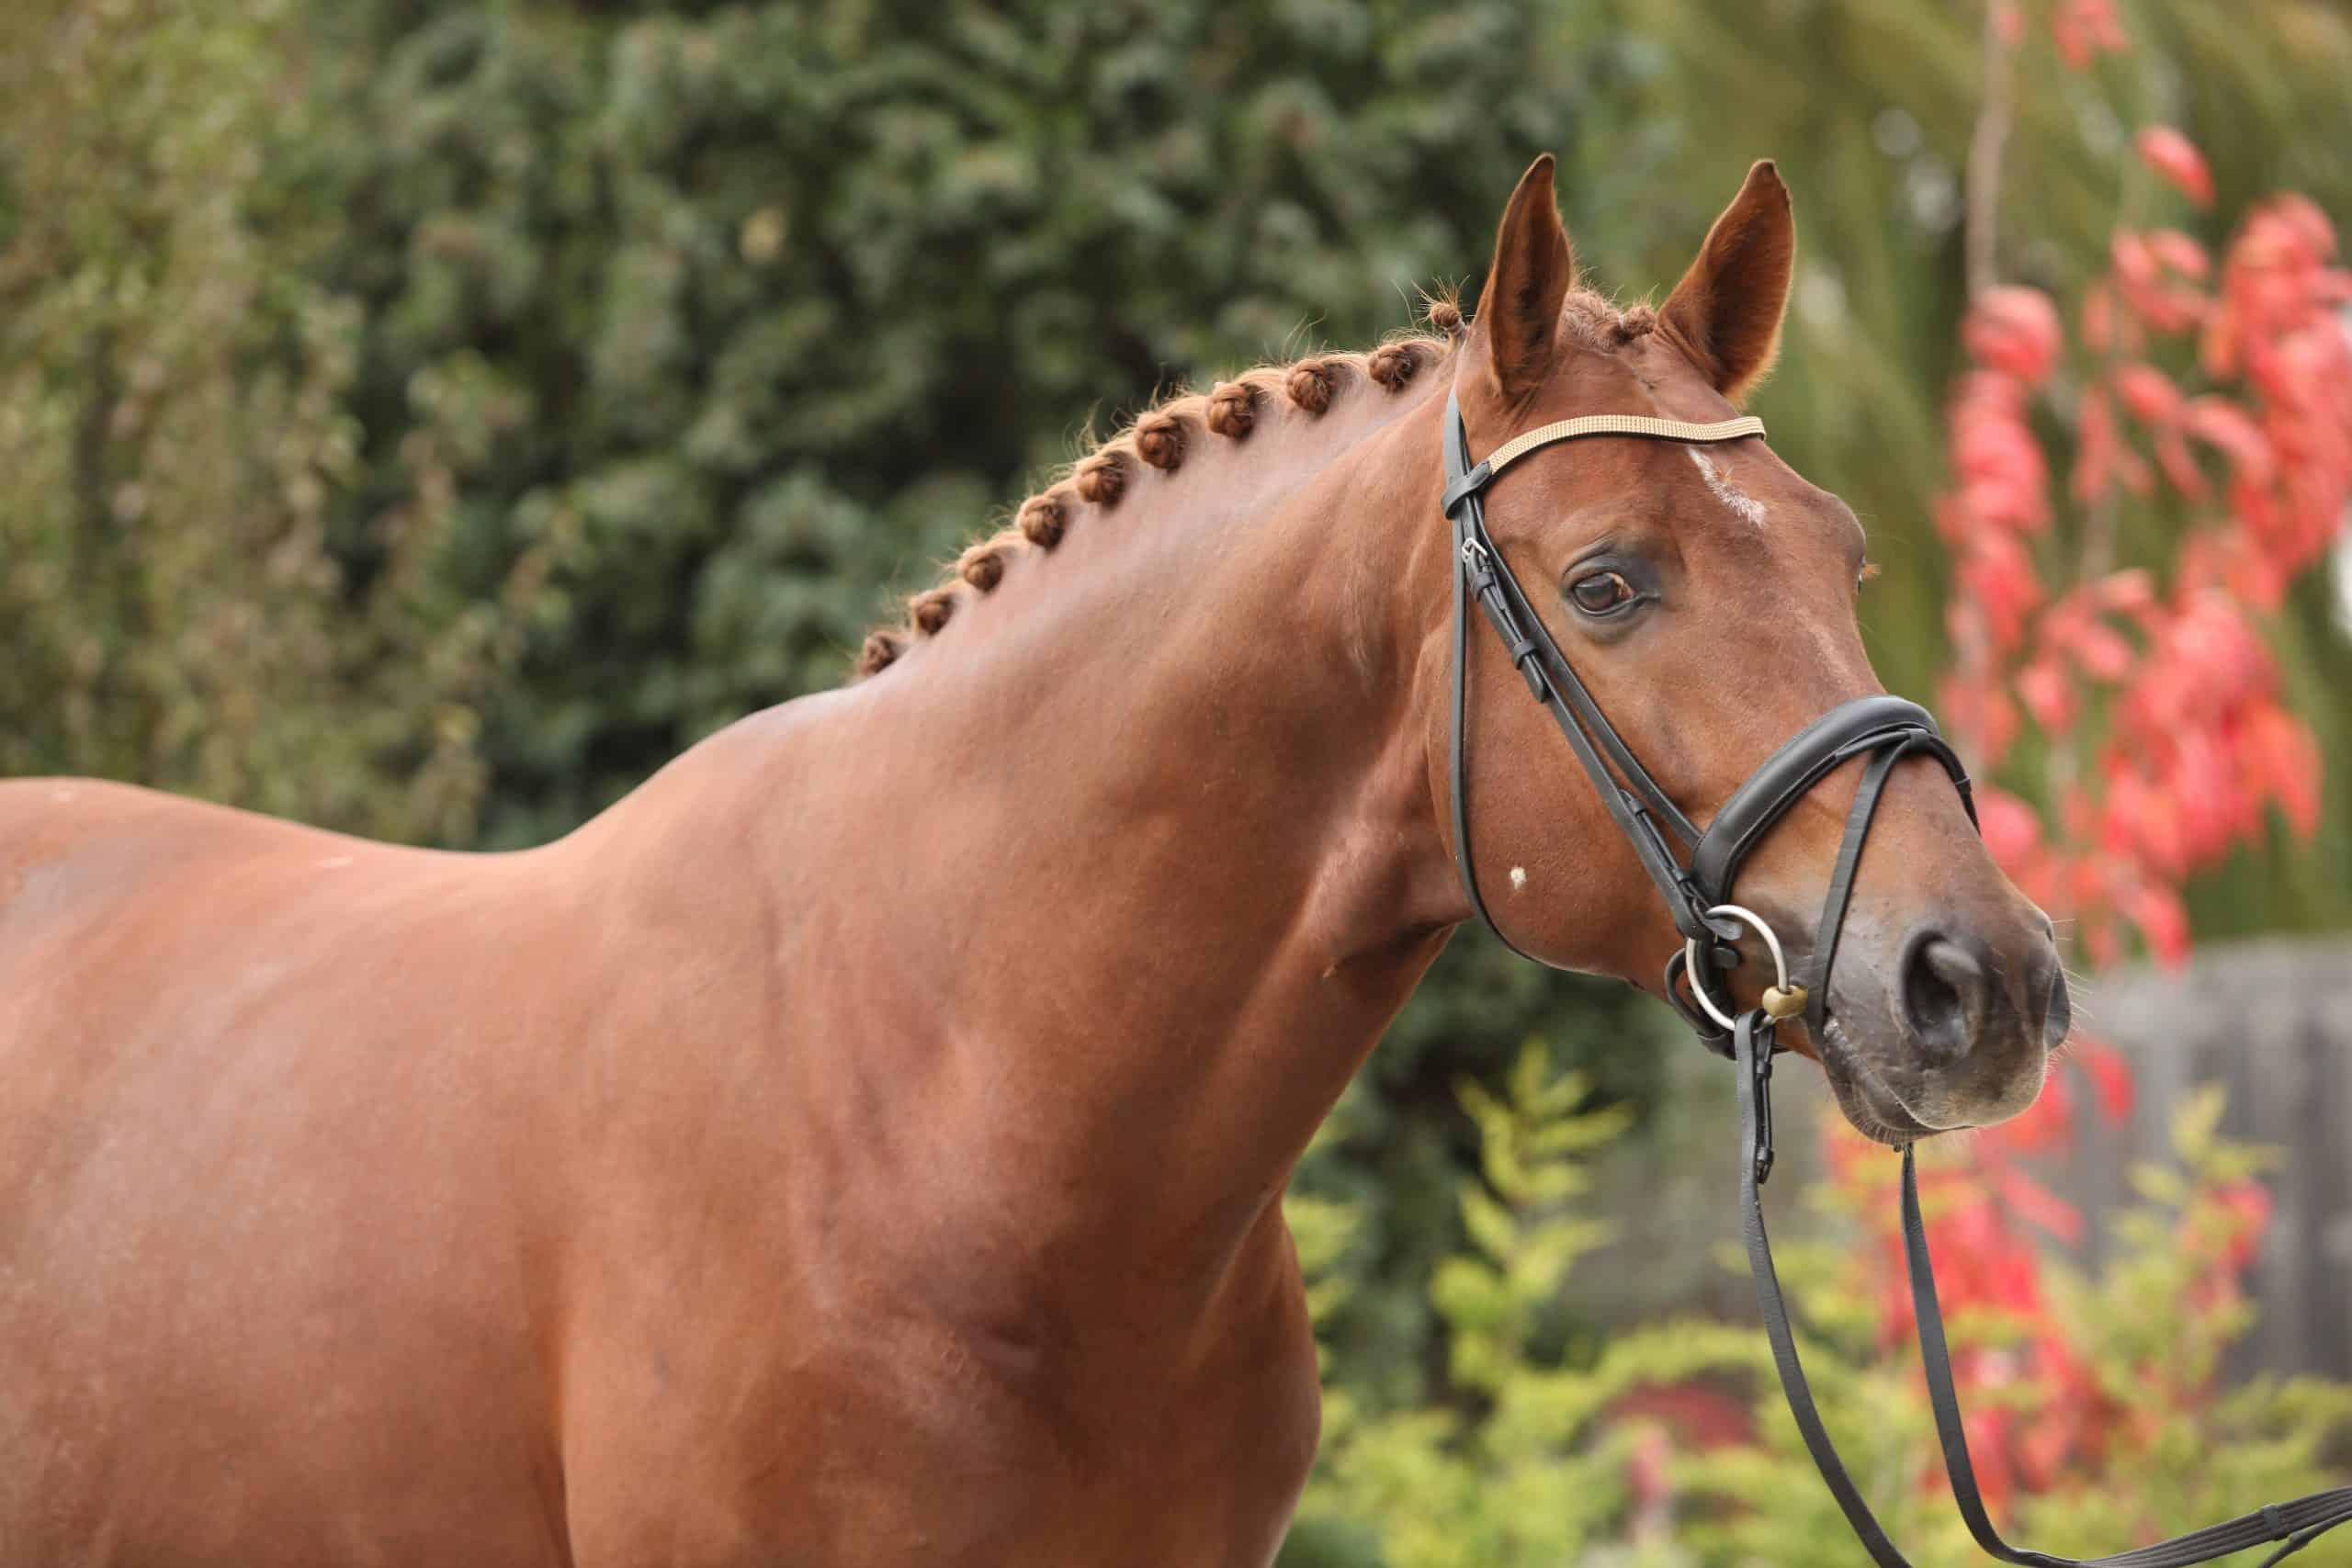 dutch warmblood jumping horse breeds list